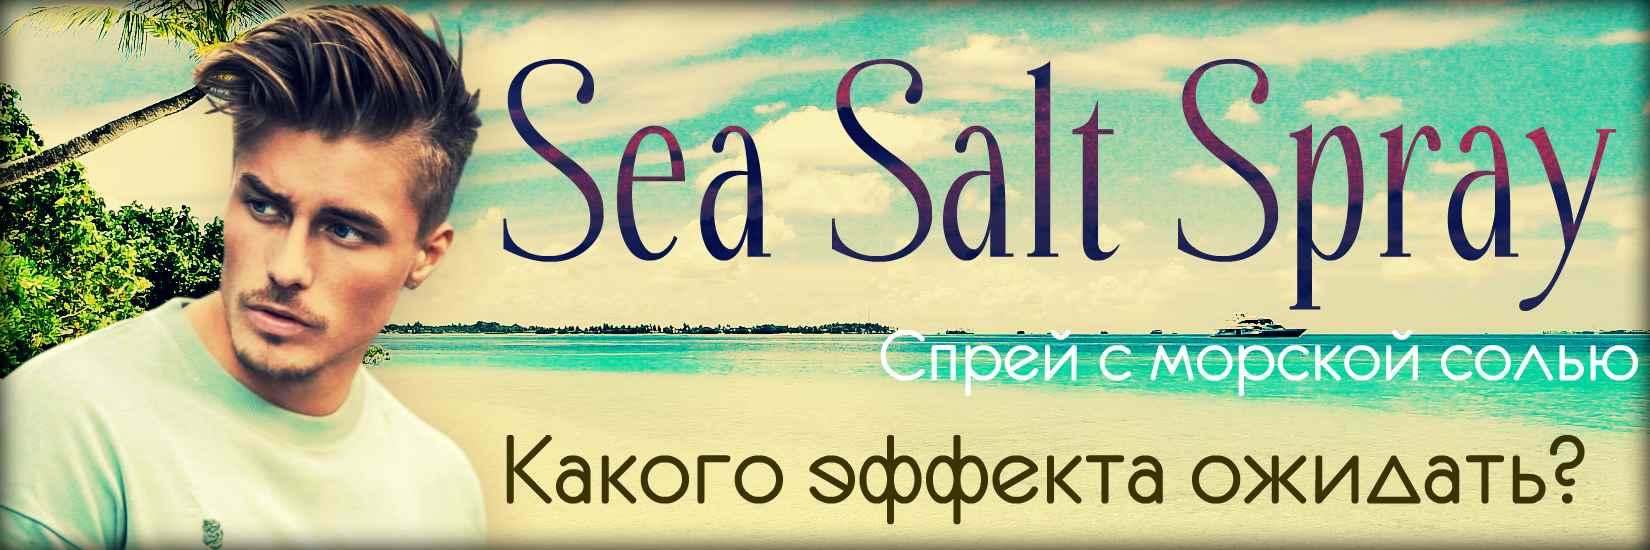 Зачем нужен Спрей с морской солью для волос (Sea Salt Spray)?